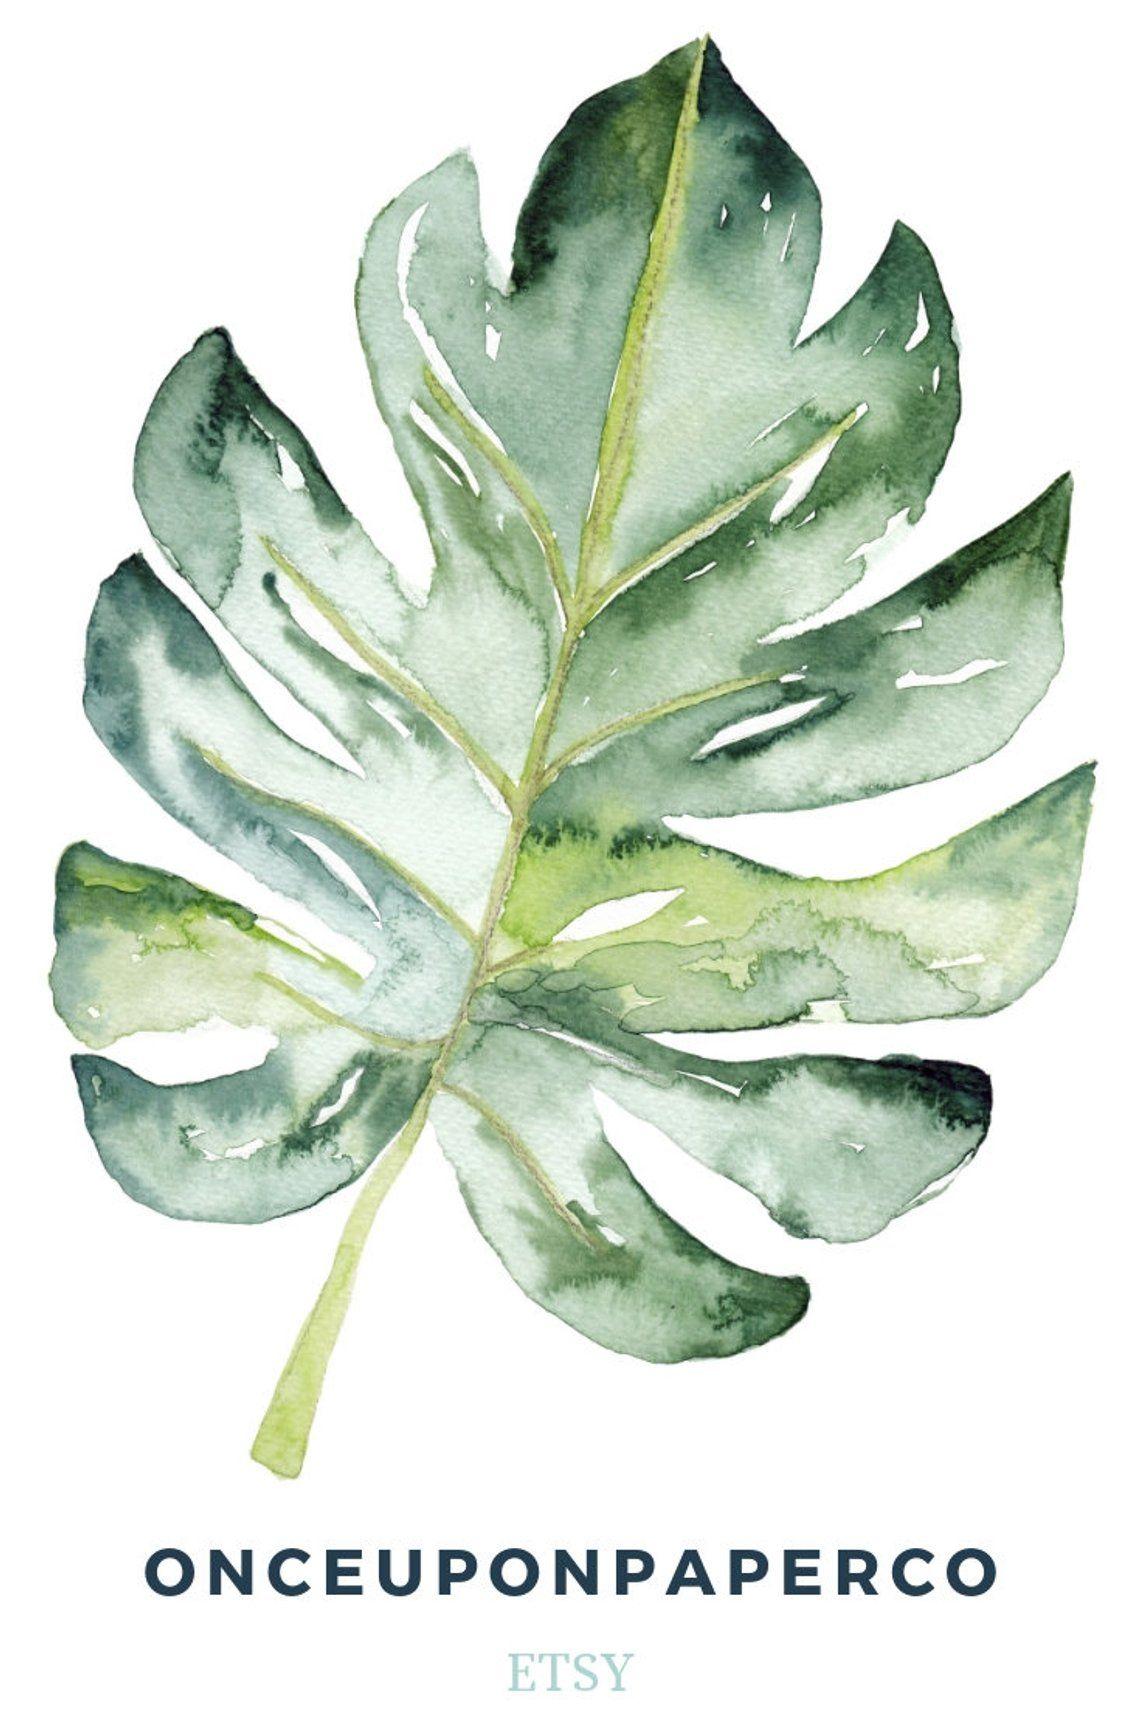 Usine de feuille aquarelle print, impression numérique d'art mur Monstera, peinture botanique avec une ambiance tropicale, oeuvre imprimable d'une plante d'intérieur